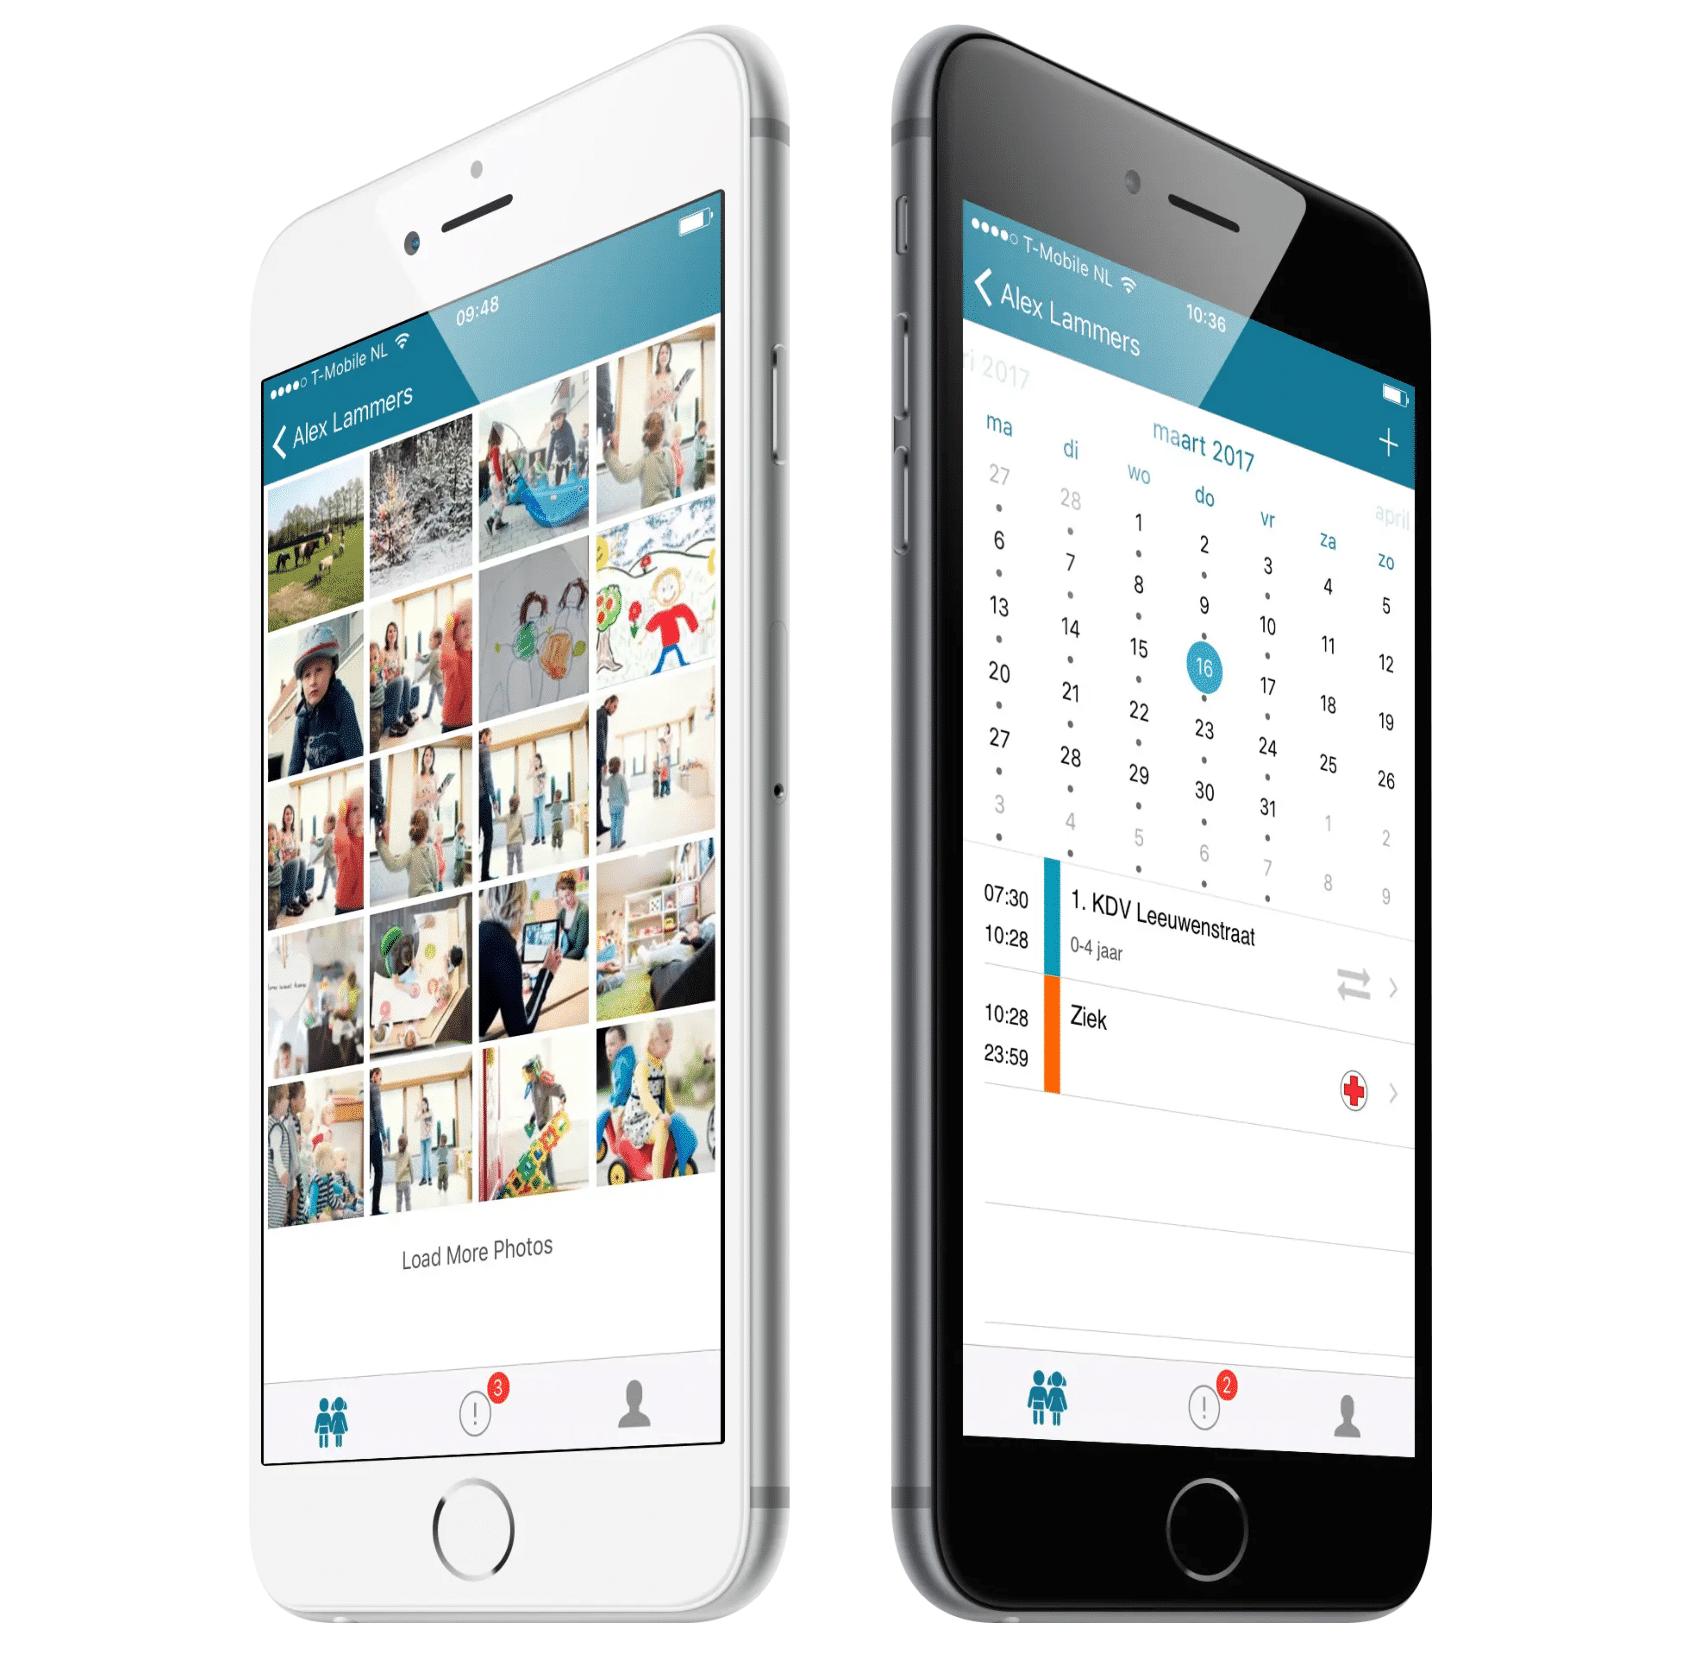 ouder-app-management